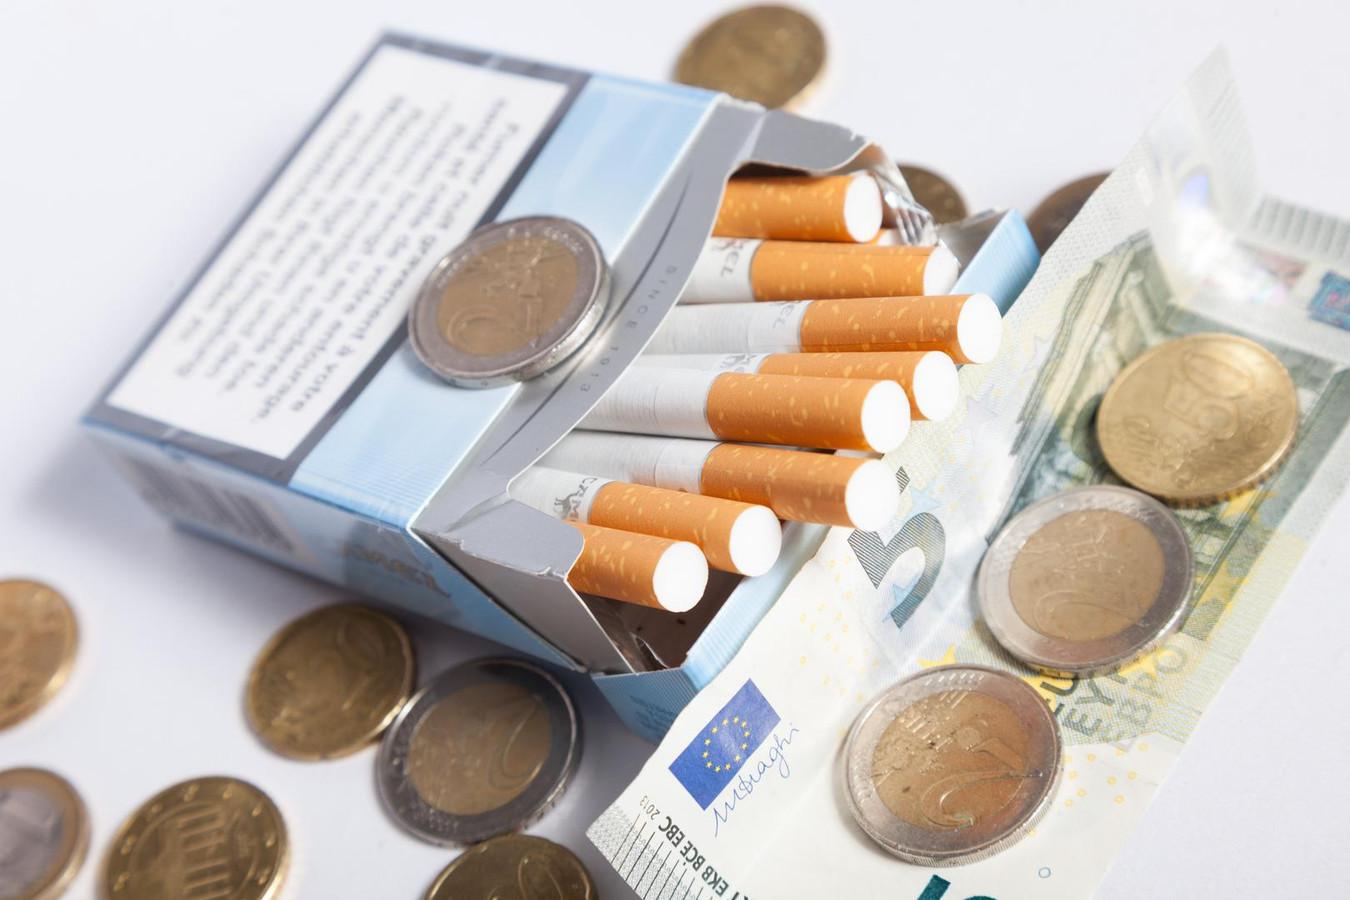 L'augmentation des accises sur le tabac annoncée par le gouvernement fédéral se traduira l'an prochain par une augmentation du prix du paquet de cigarettes de 25 centimes.